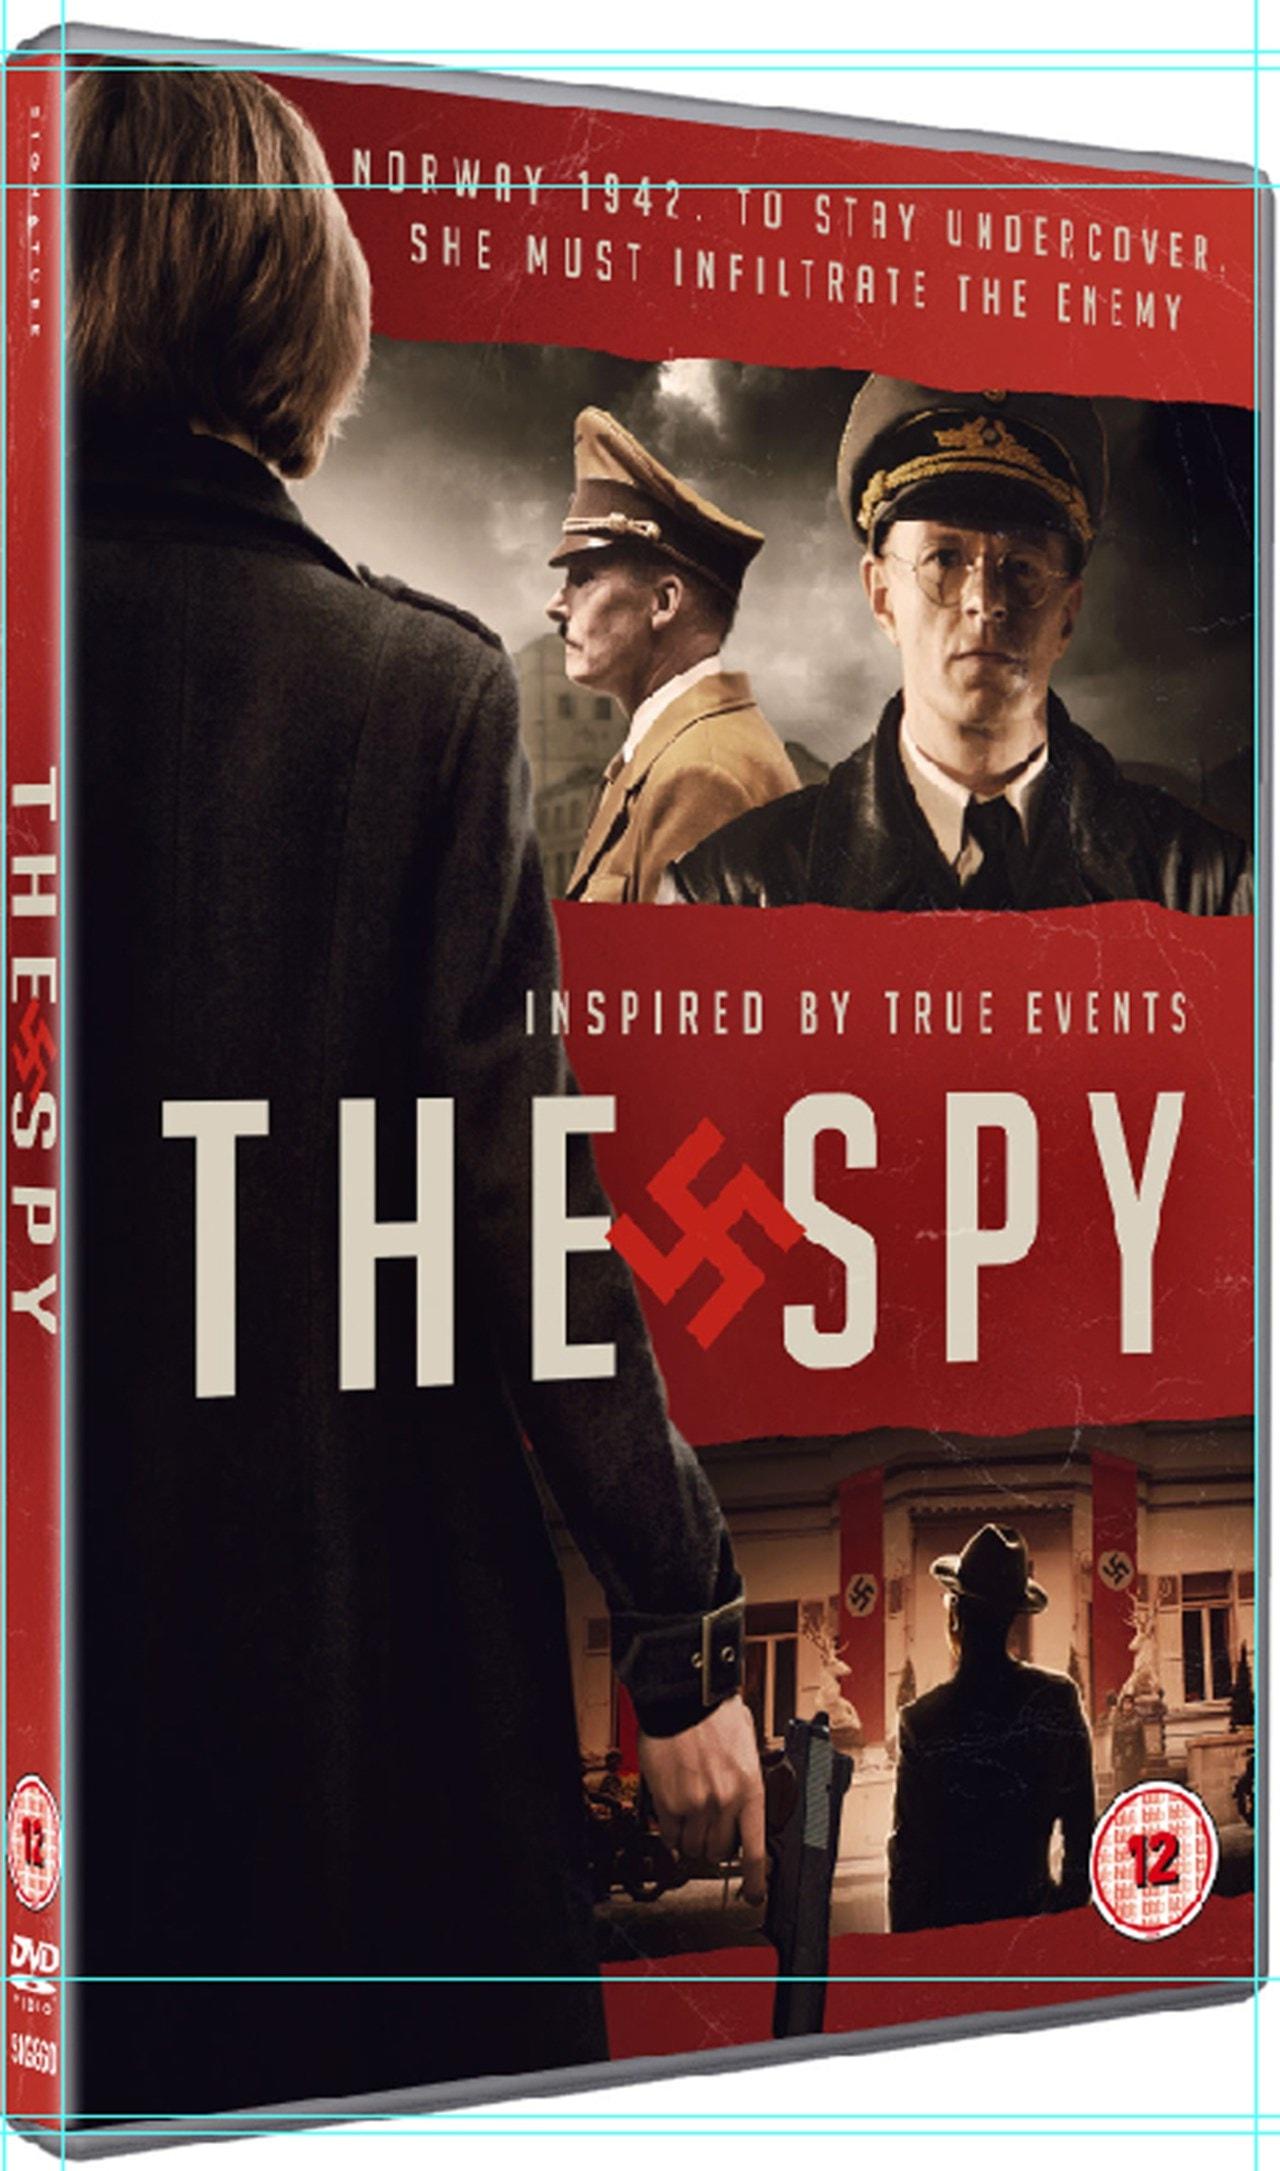 The Spy - 2